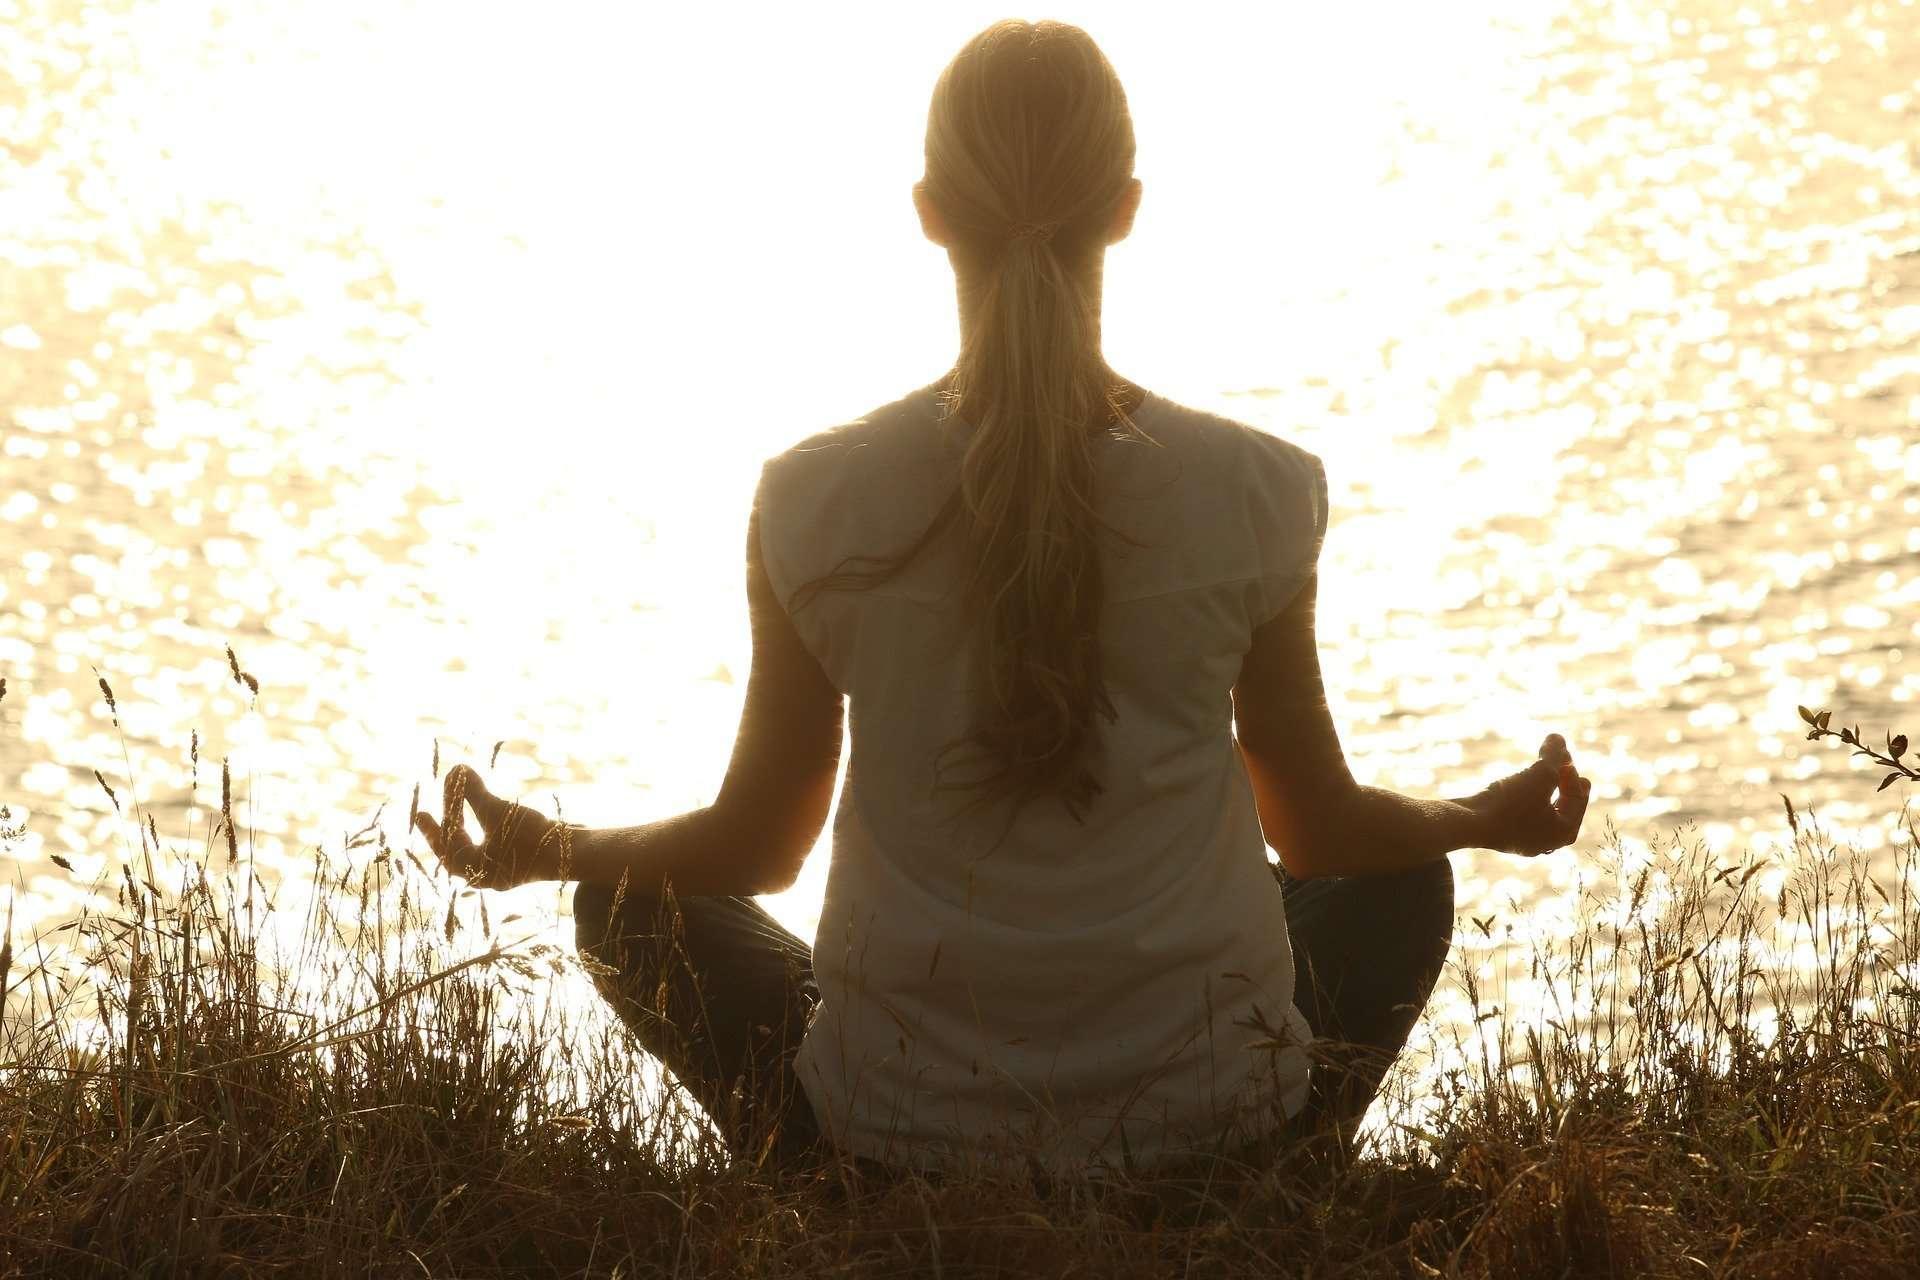 meditate-1851165_1920 (1)